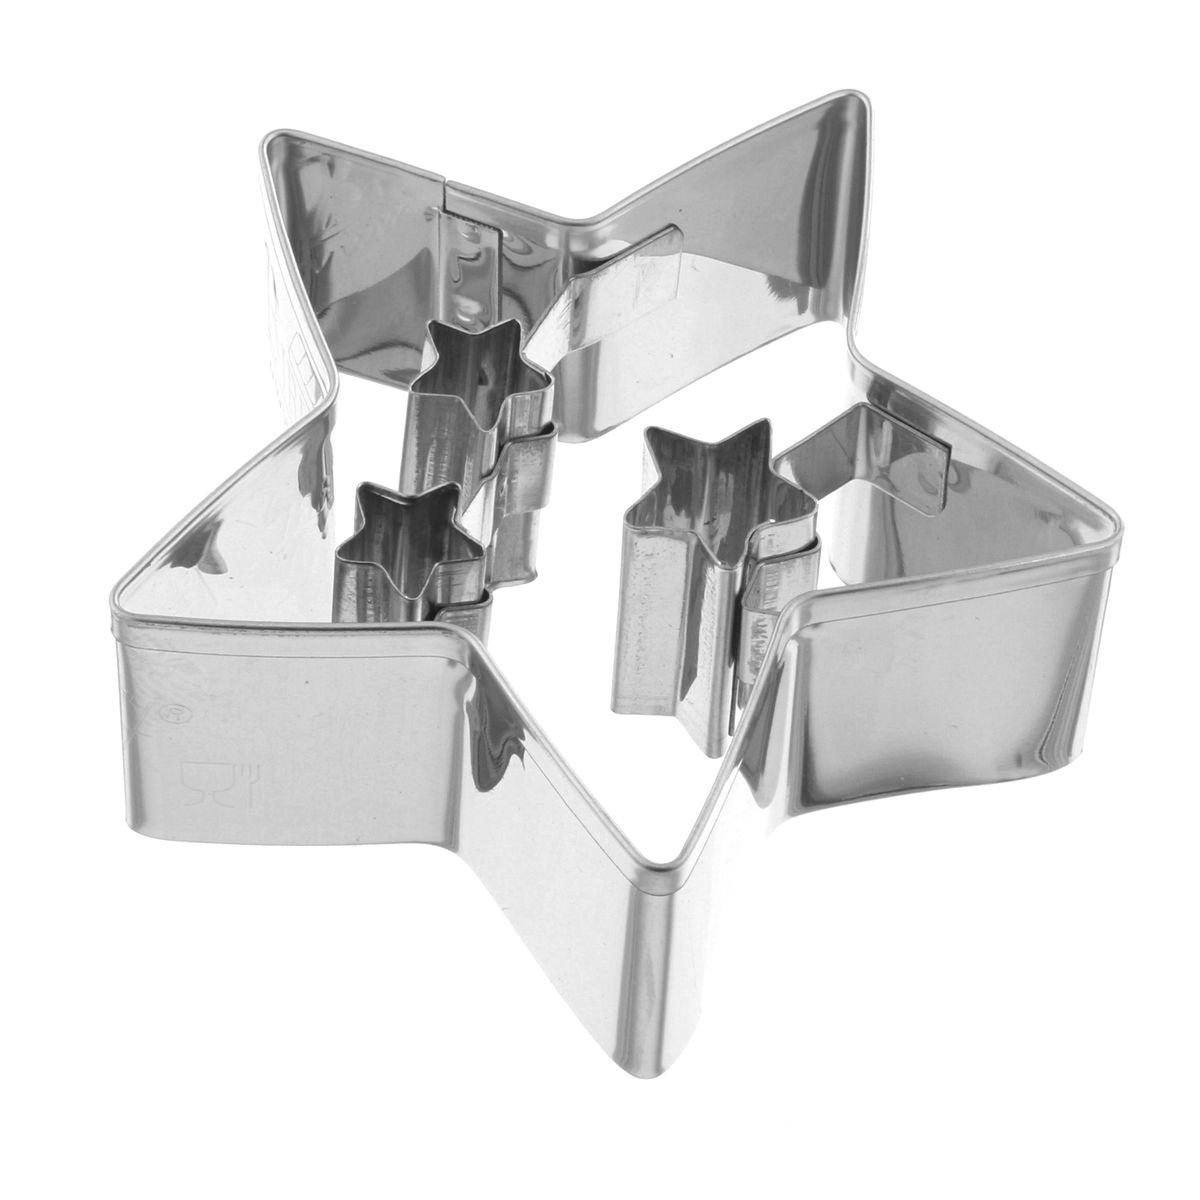 Emporte pièce 3 étoiles 6.5 cm - Birkmann